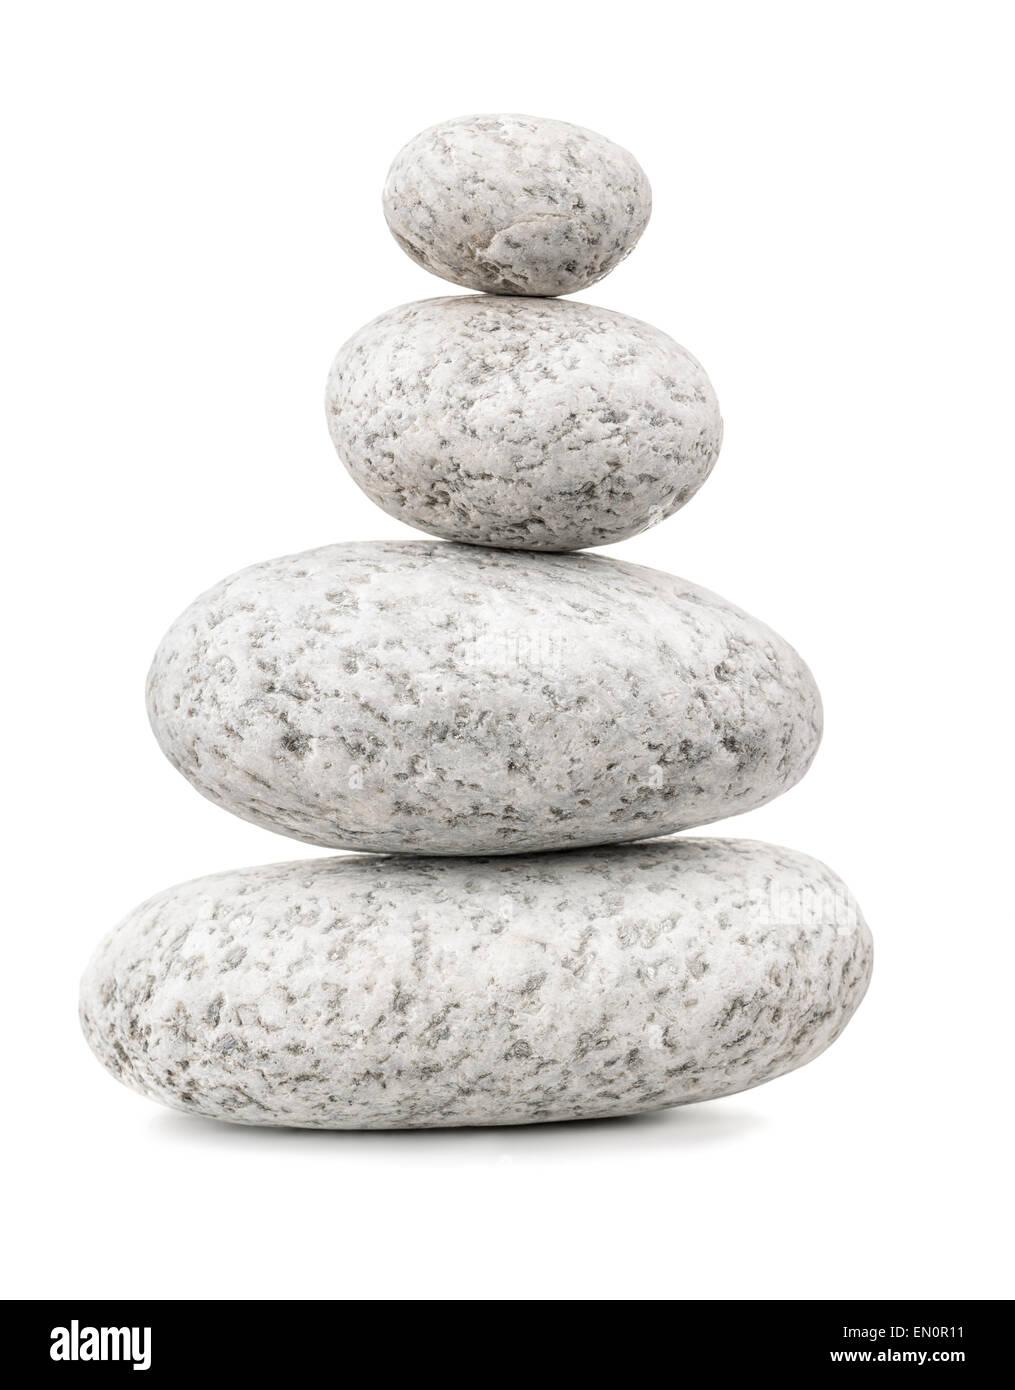 Balanced pebbles isolated on white - Stock Image